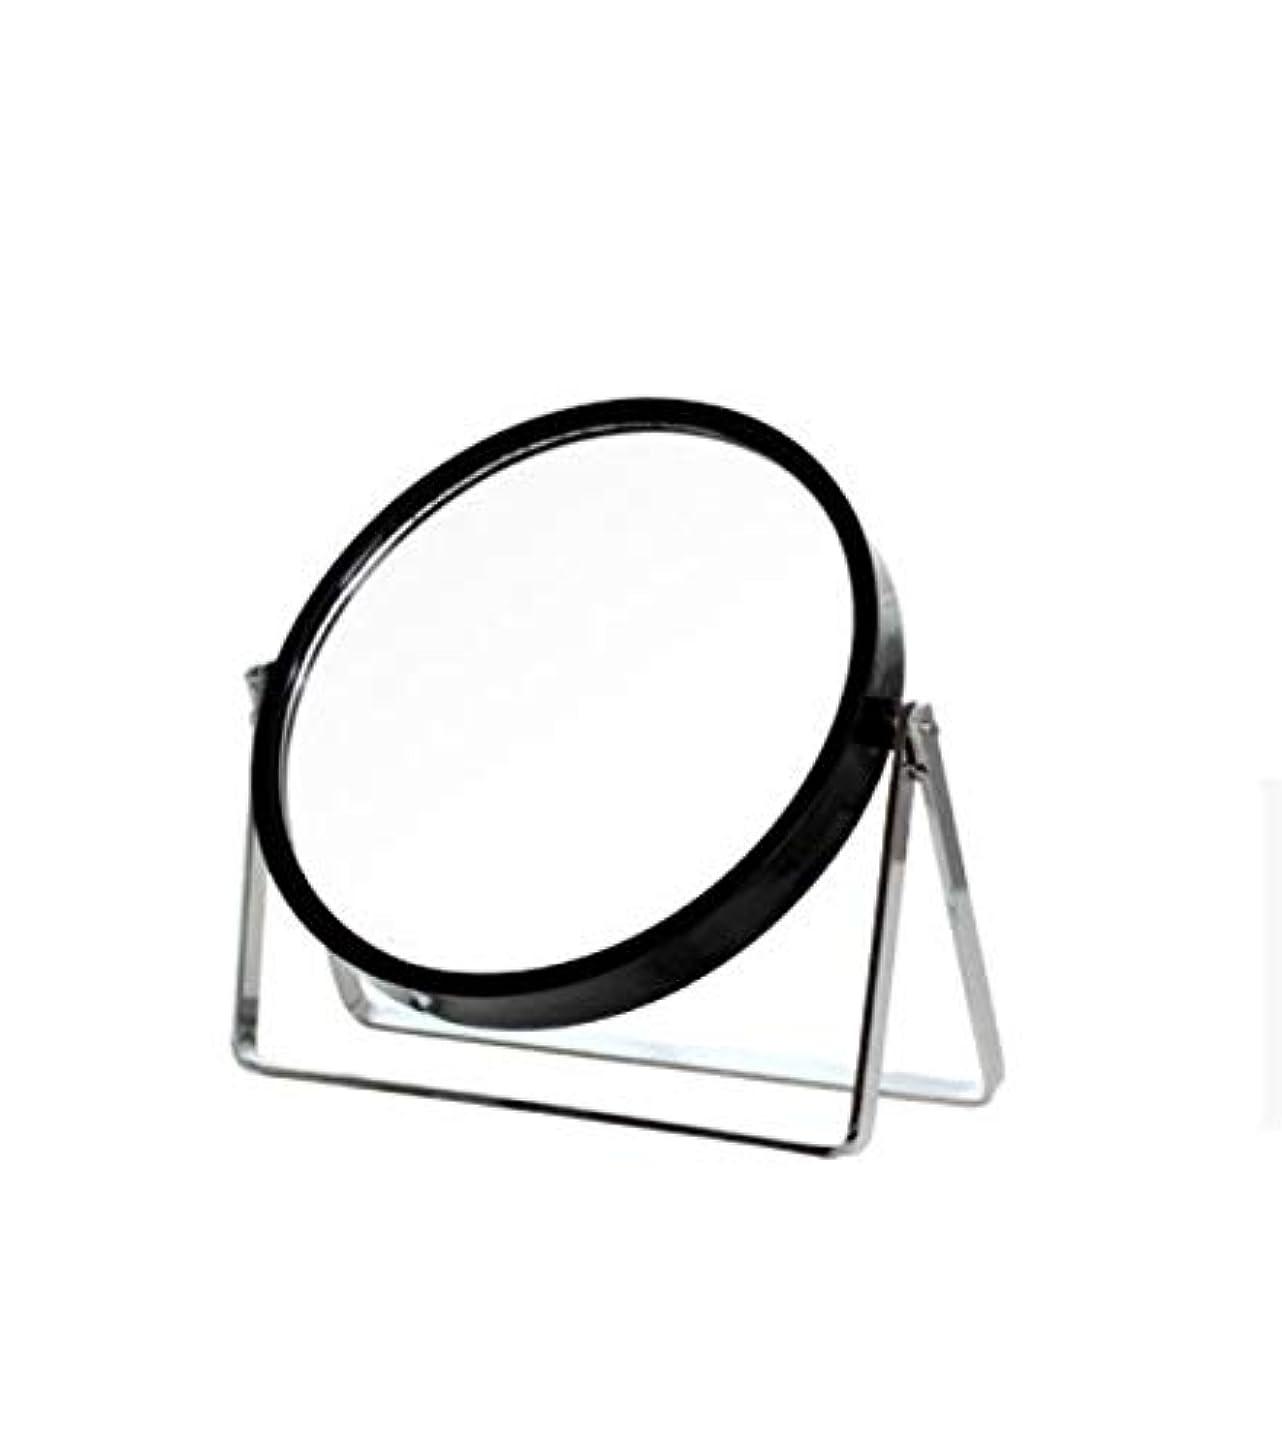 雪のしない九化粧鏡、シンプルなラウンドホーム寮デスクトップ化粧鏡化粧ギフト (Color : ブラック)